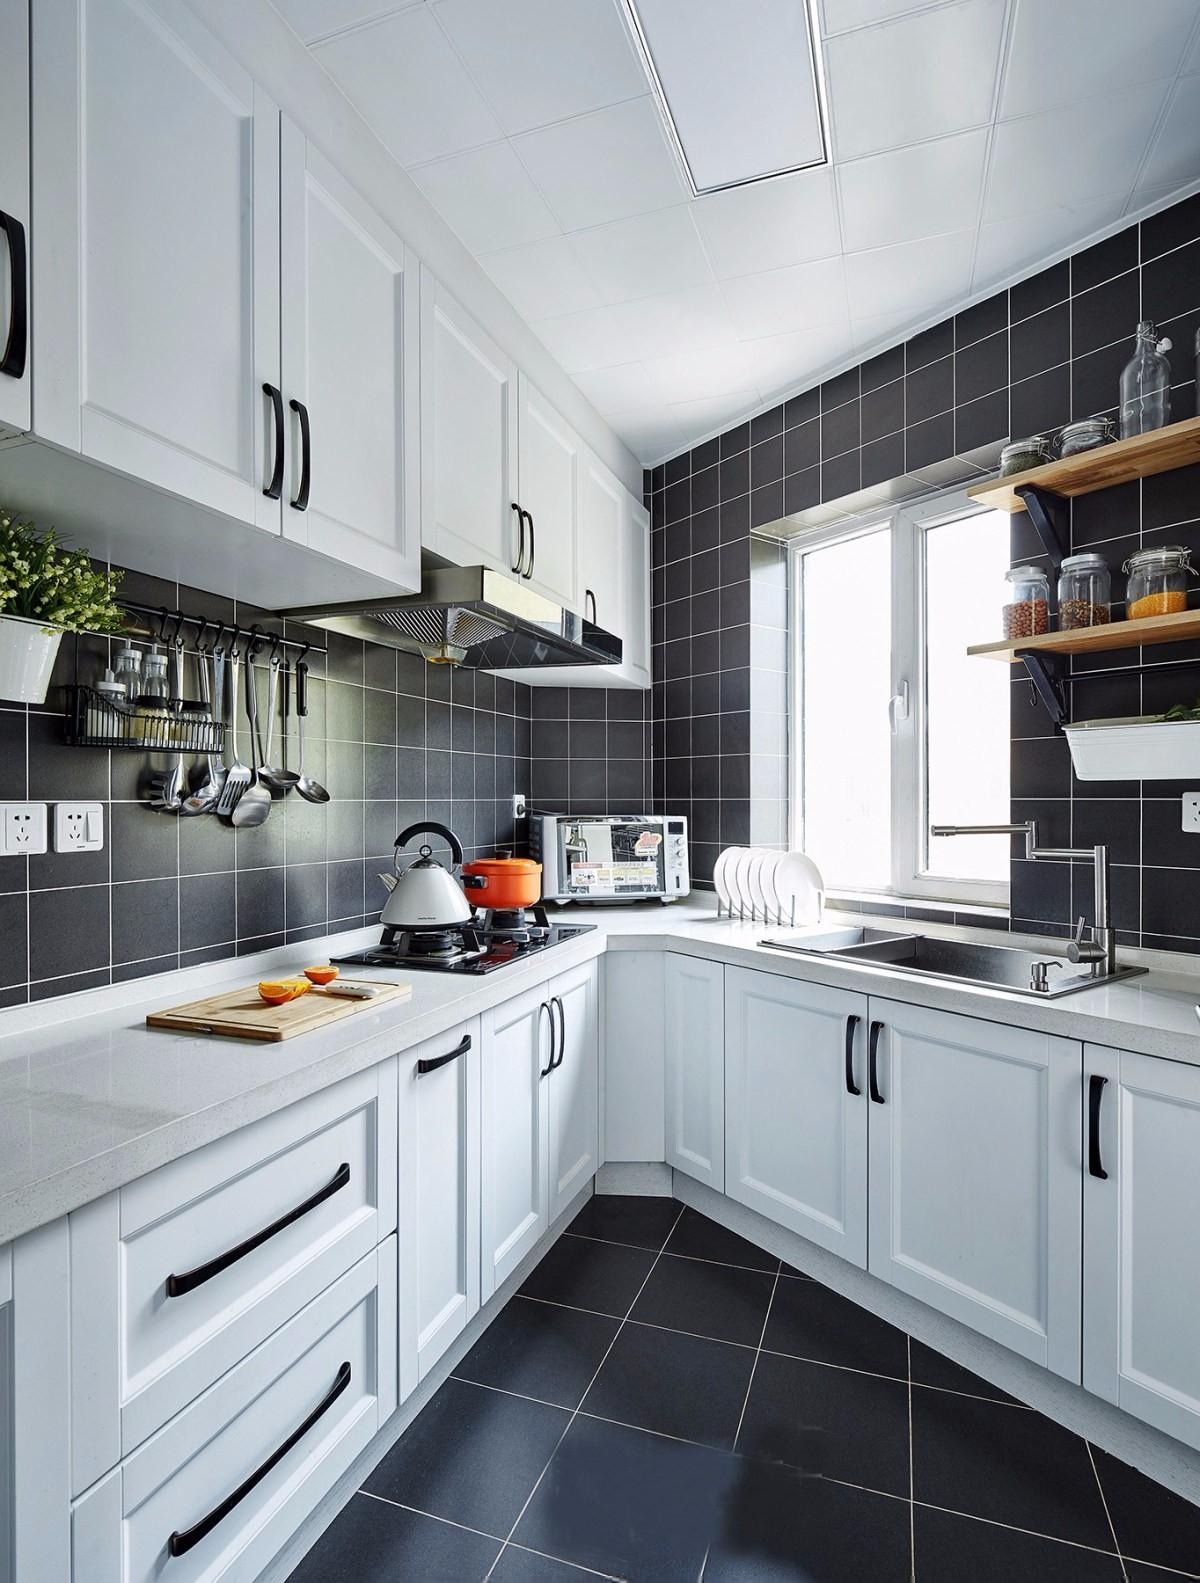 宜家北欧风格黑白厨房装修效果图